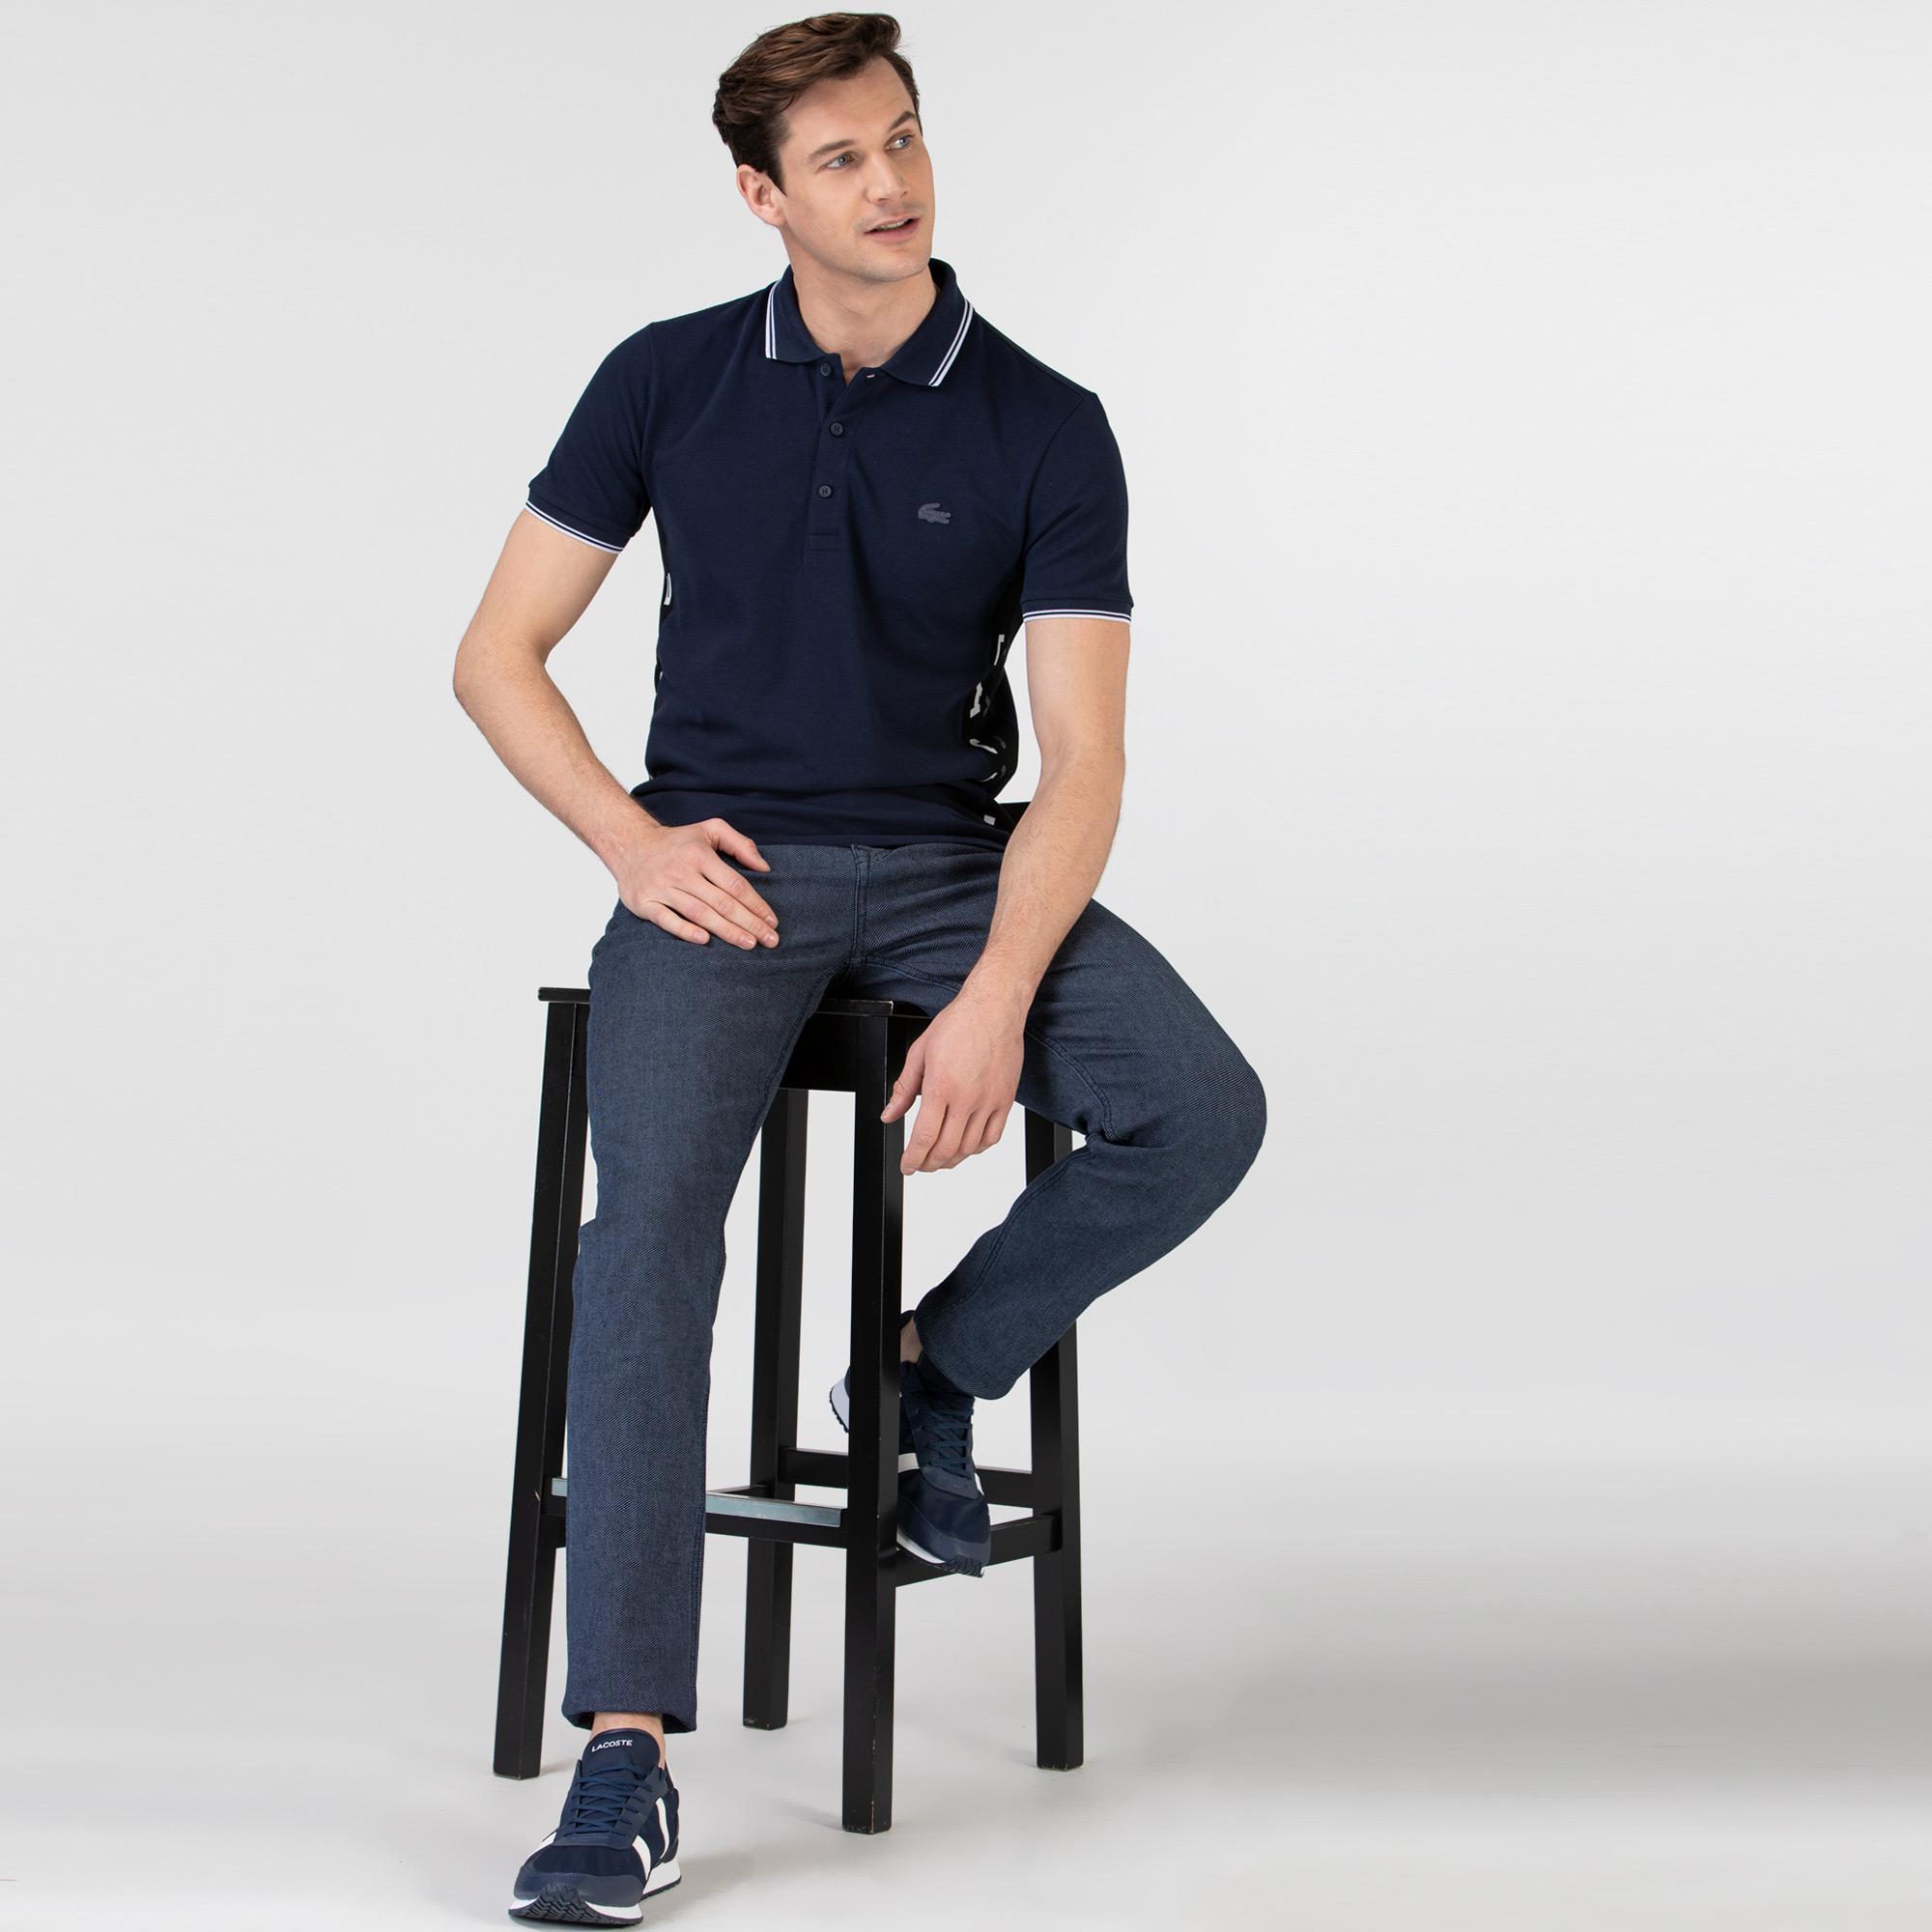 Lacoste Men's Slim Fit Denim Trousers HH0952 | Lacoste